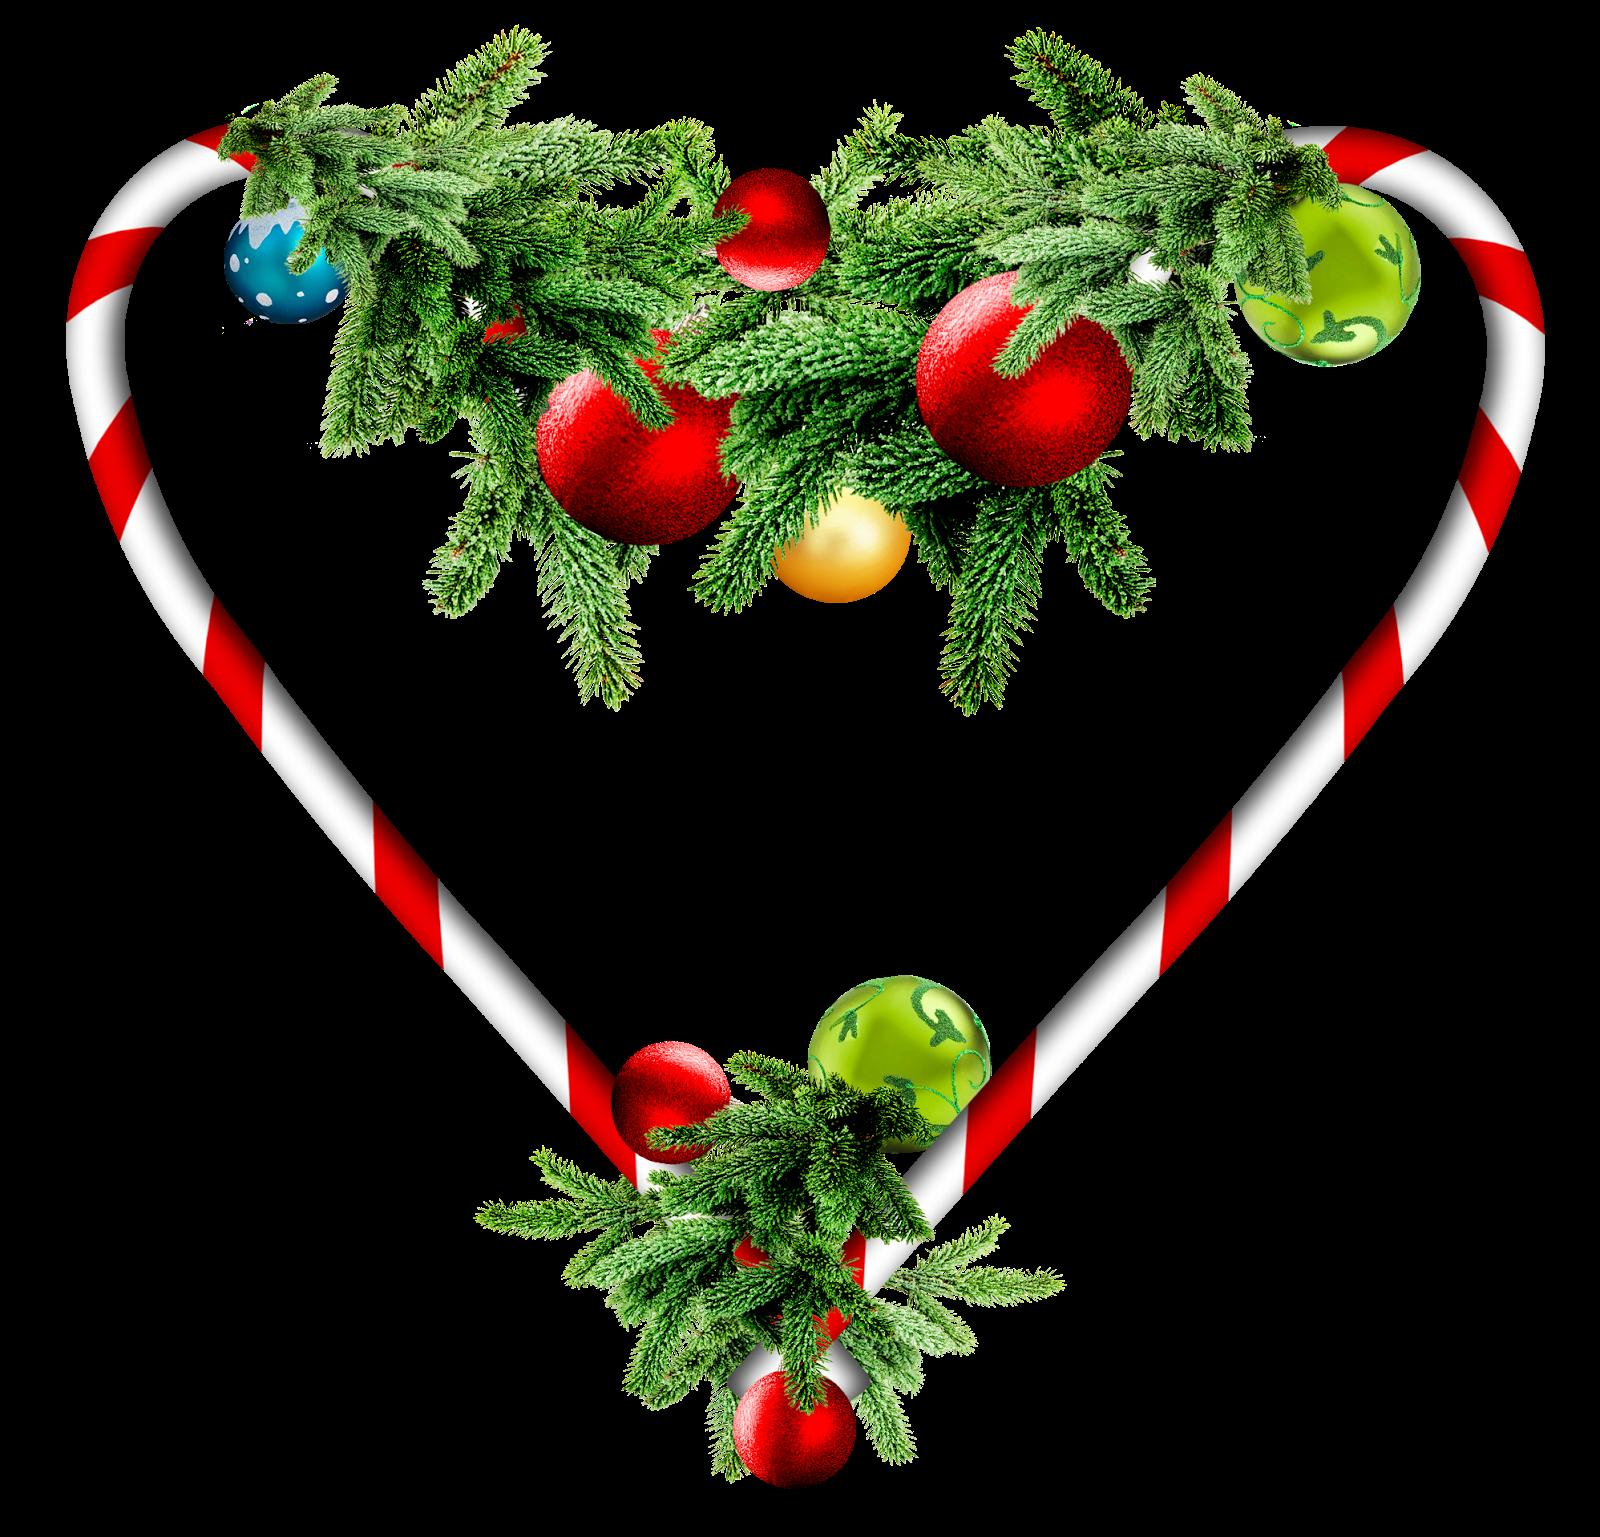 Comienza nuestro festejo de Diciembre!!! Imagenes%2Bde%2Bamor%2Ben%2Bnavidad%2Bcon%2Bcorazon